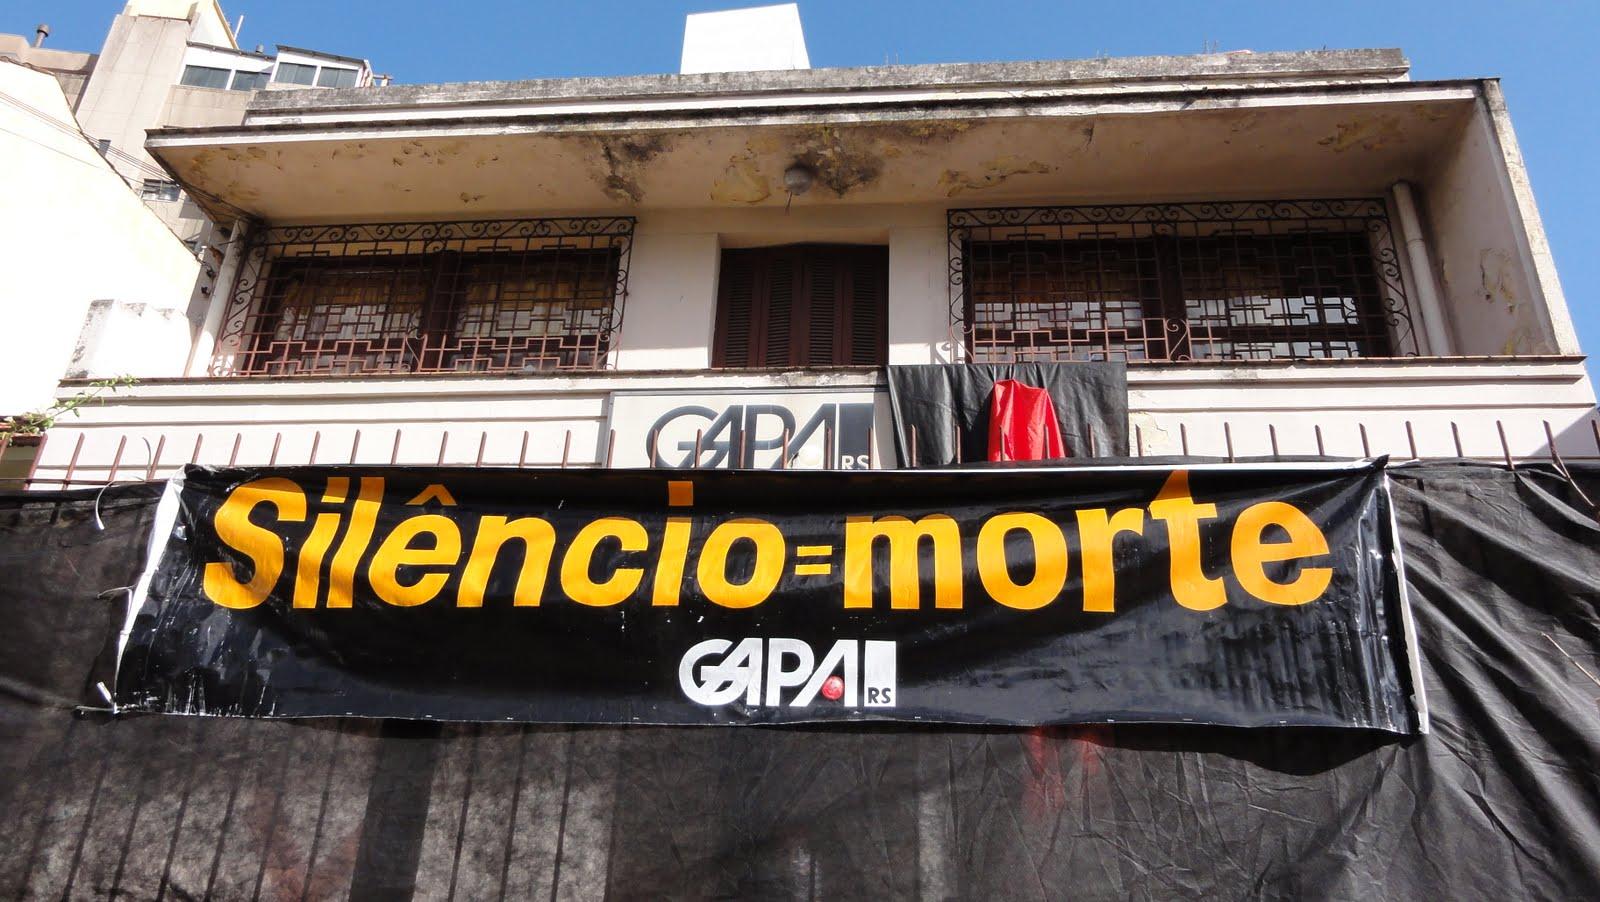 Na Capital da AIDS, o despejo do Gapa é o símbolo do descaso à epidemia!